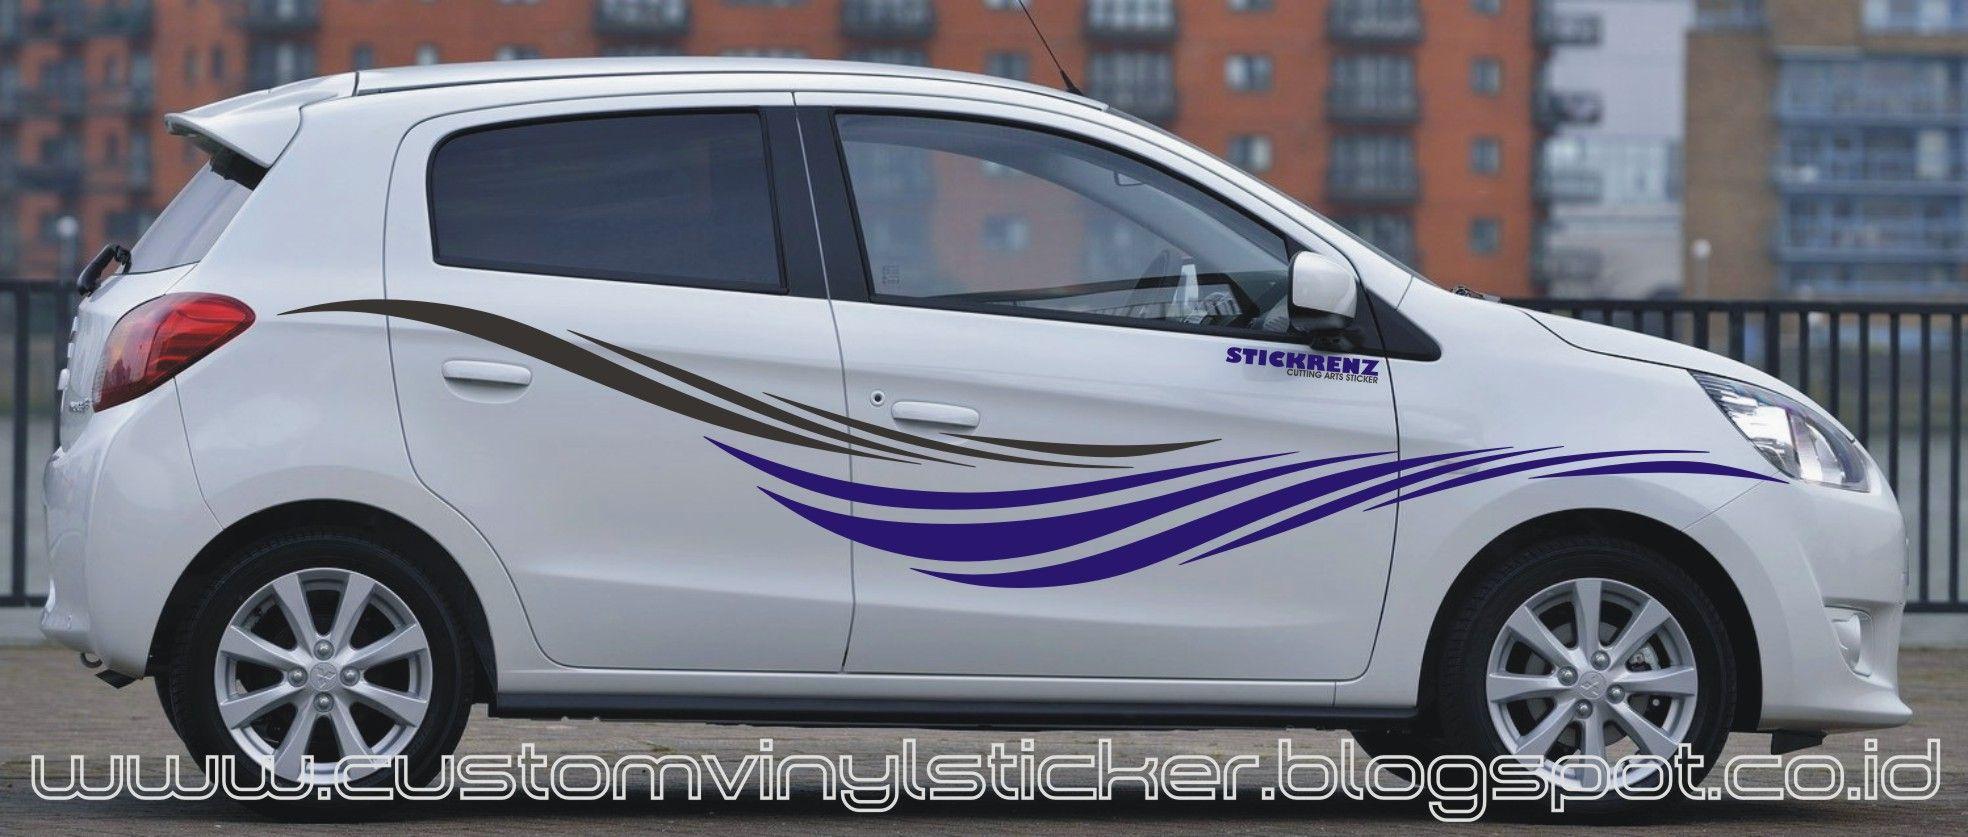 Mitsubishi Mirage White Custom Stripe Sticker Concept - Advocare car decal stickers